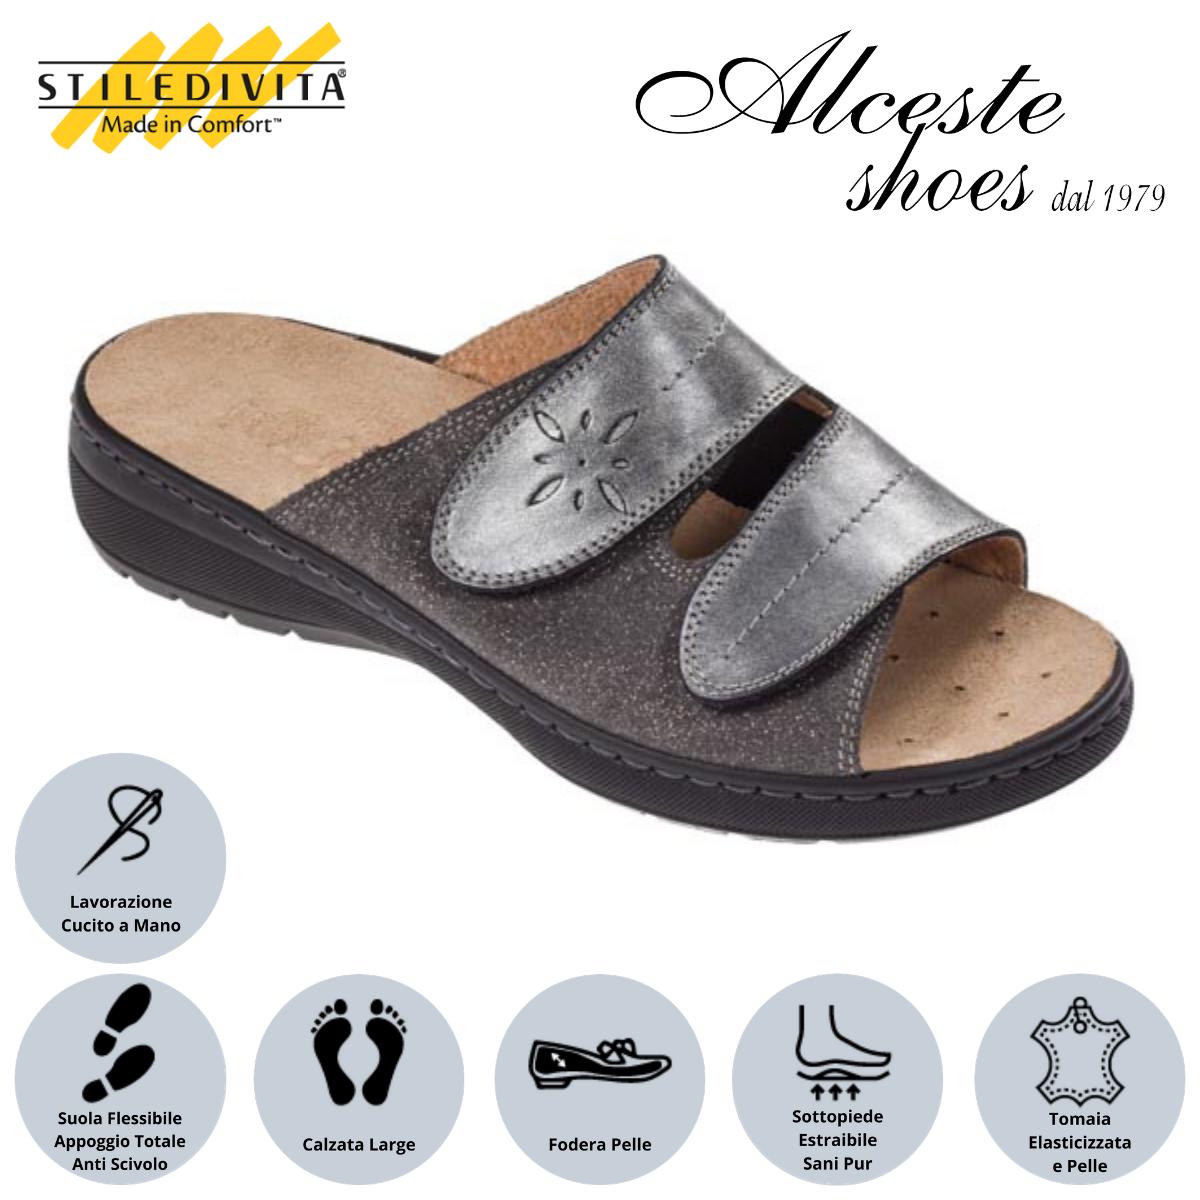 Ciabatta con Strappi Stiledivita Art. 4854 Pelle e Camoscio Stampato Antracite Alceste Shoes 10